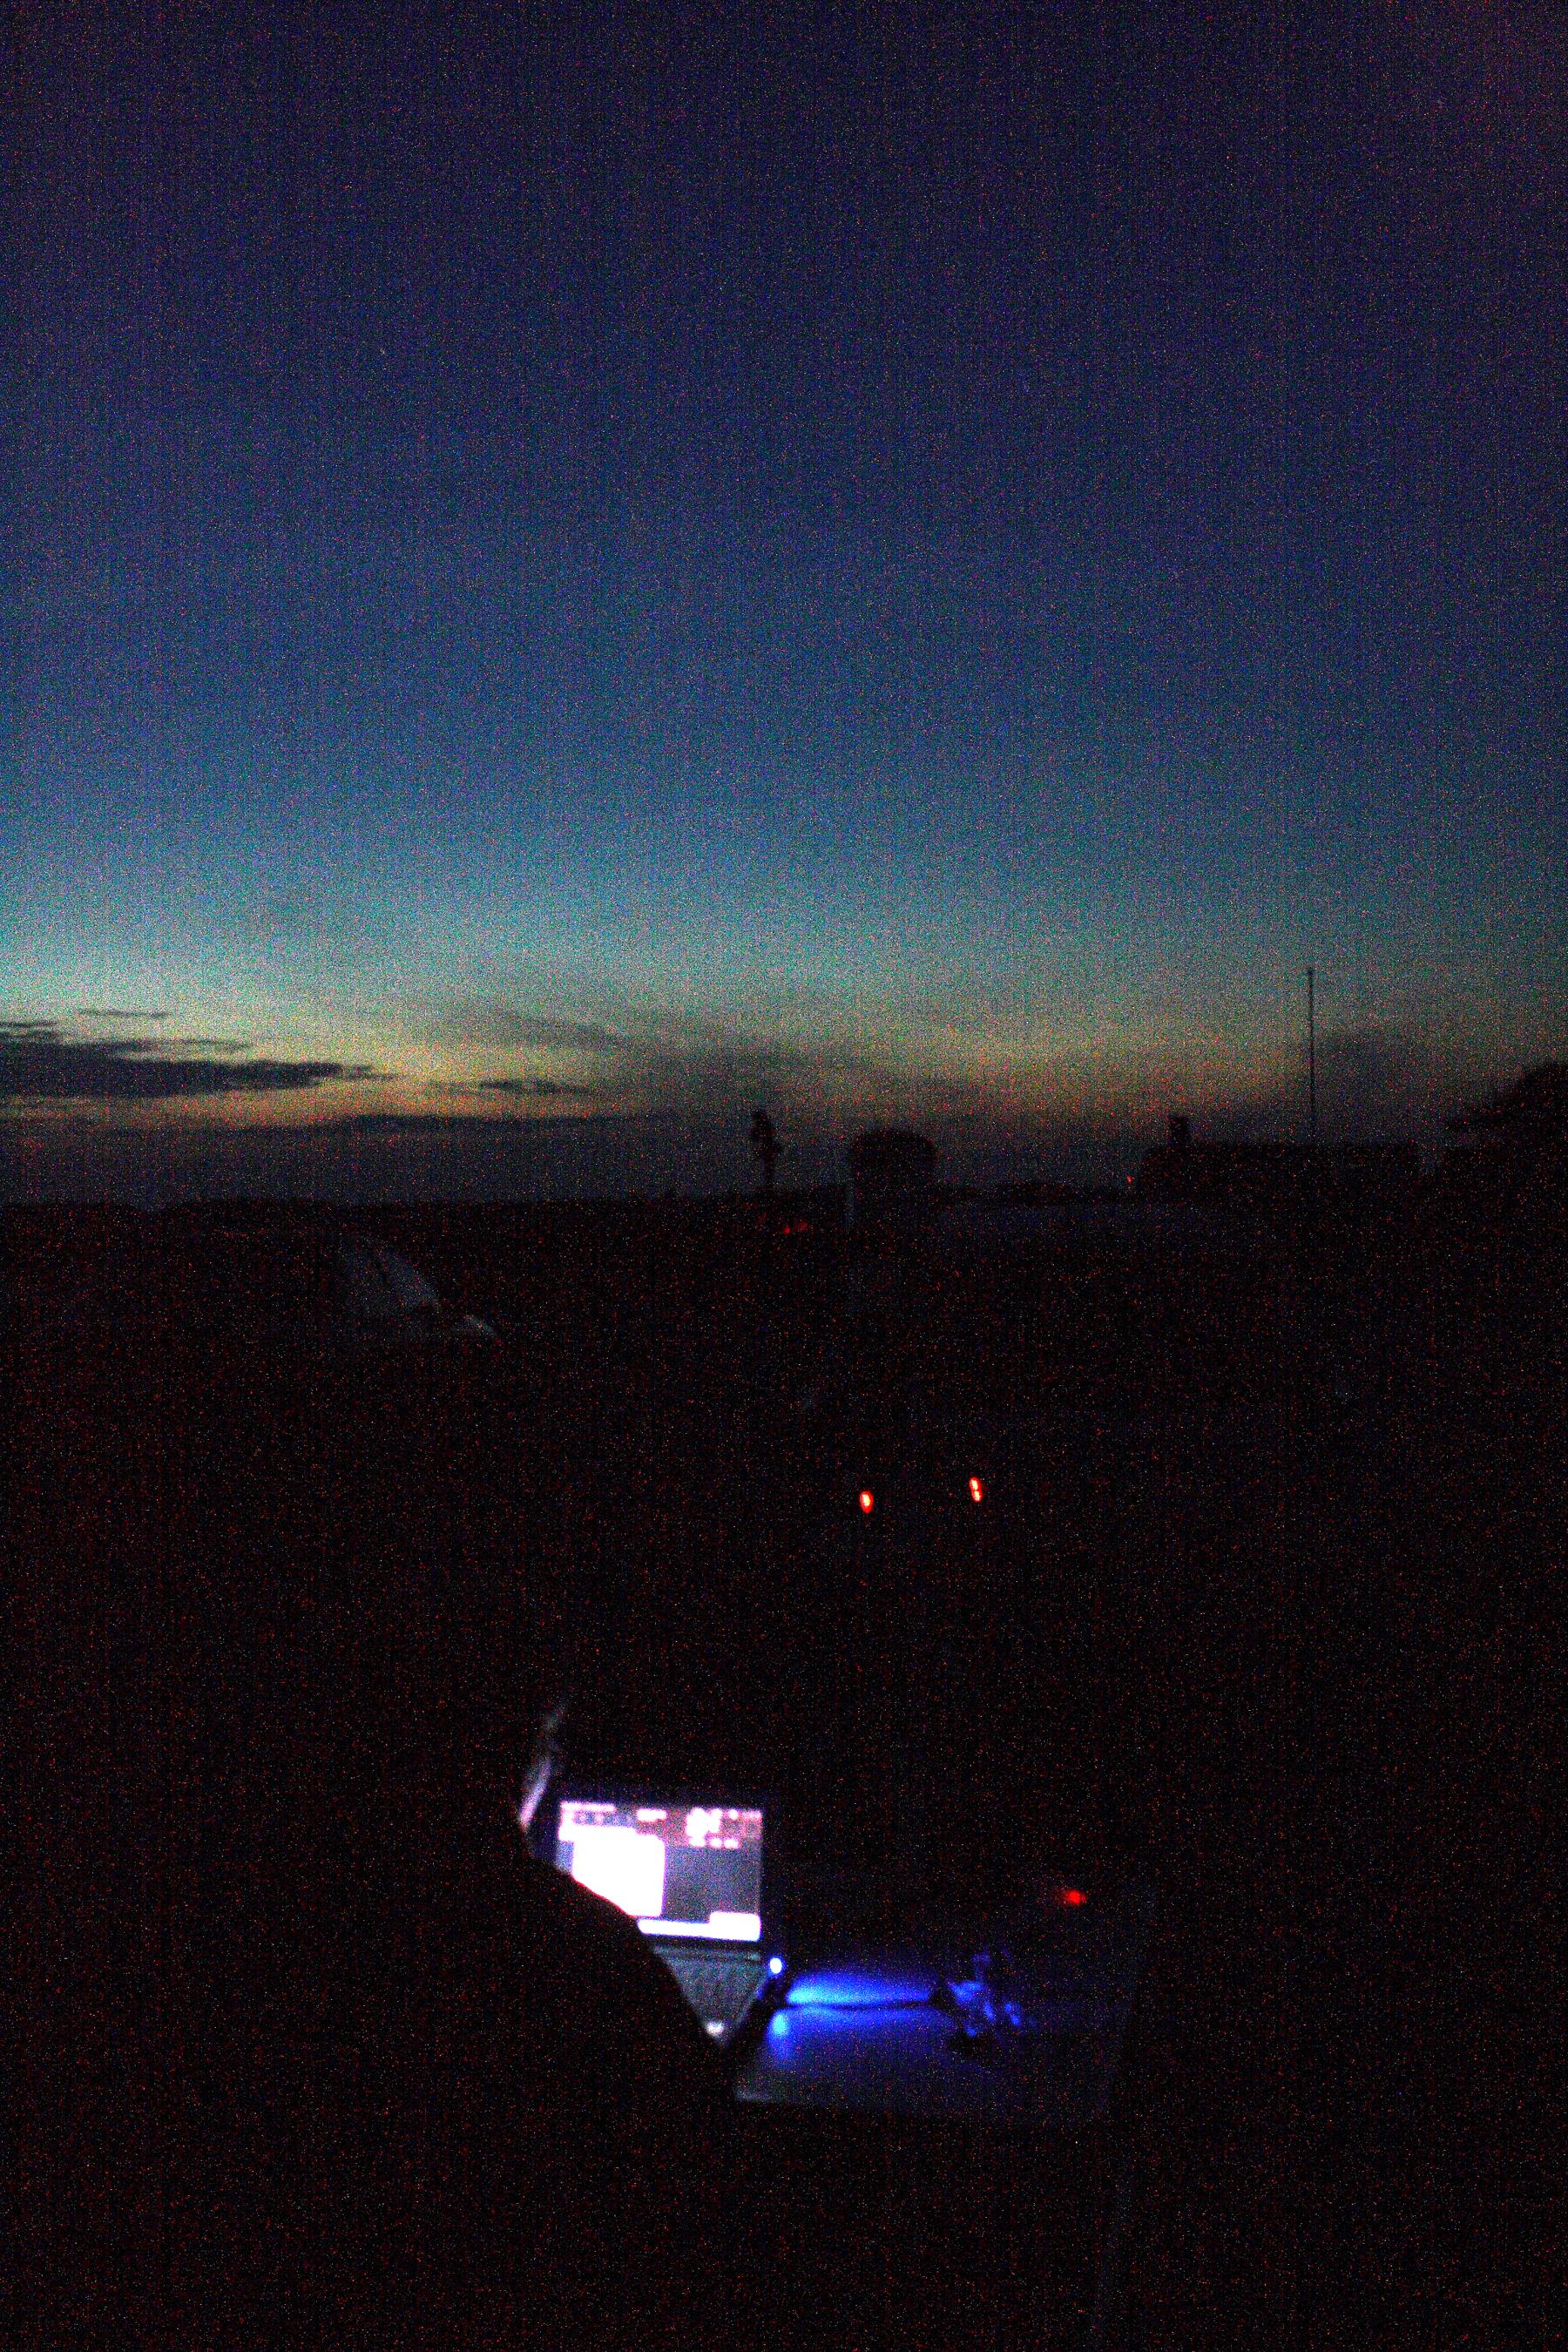 Sagittarius 11 - Eketorps borgs parkeringsplats, dags för astrofoto